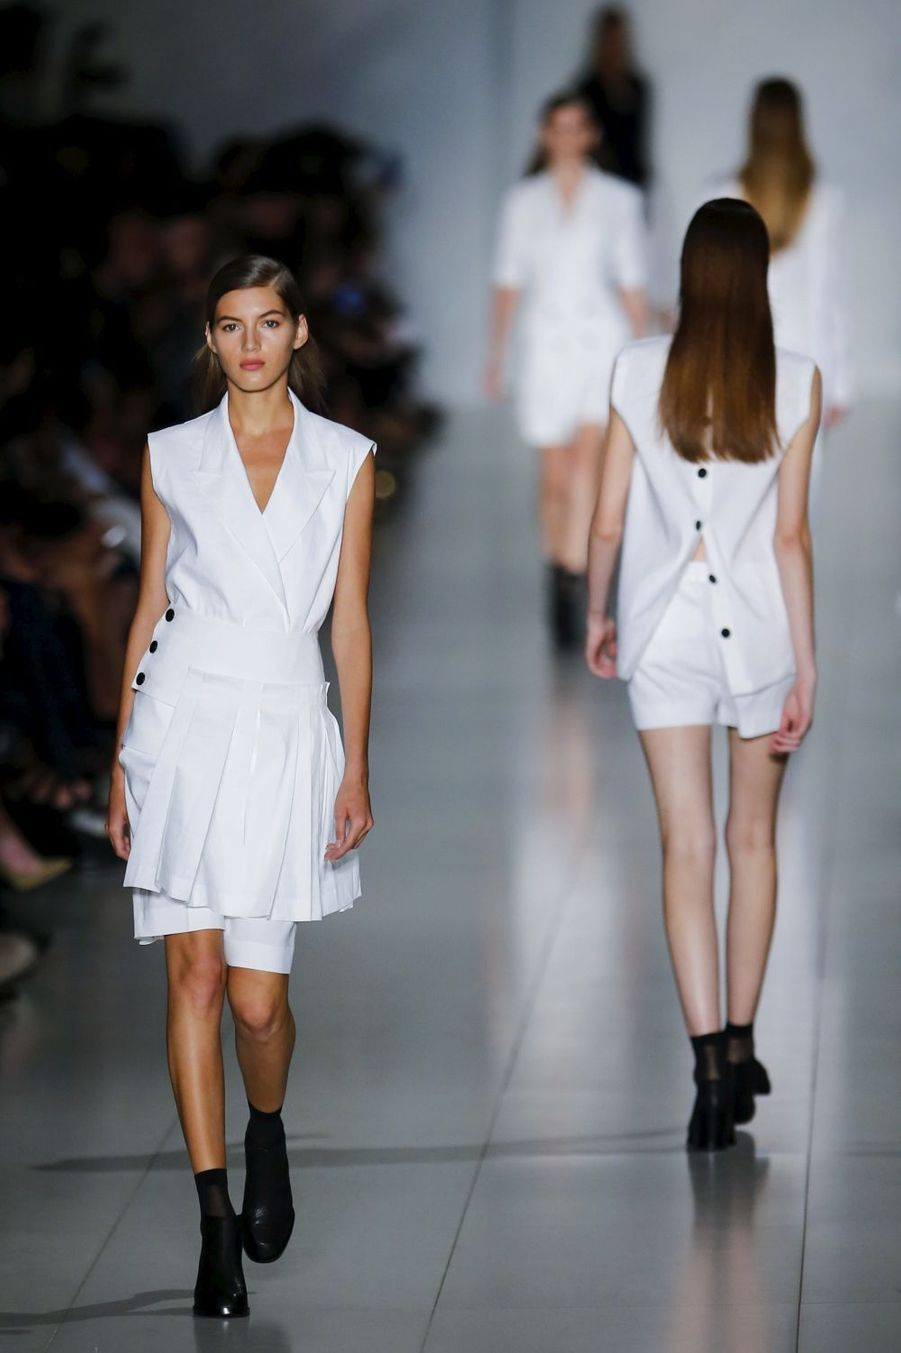 Le défilé DKNY à la Fashion week de New York